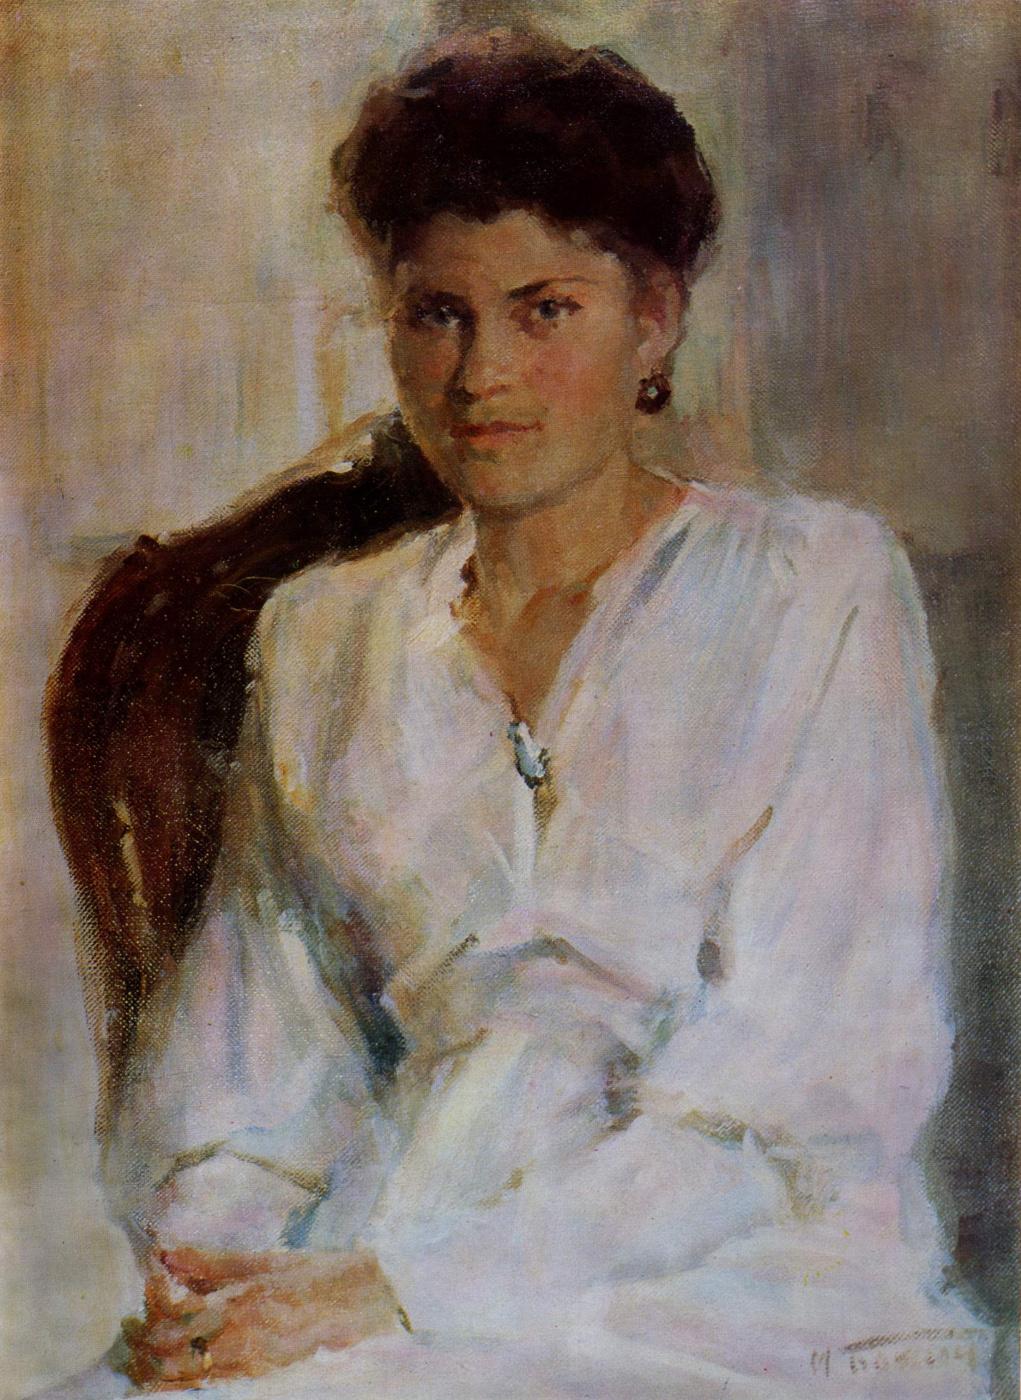 Михаил Михайлович Божий Украина 1911 - 1990. Женский портрет.